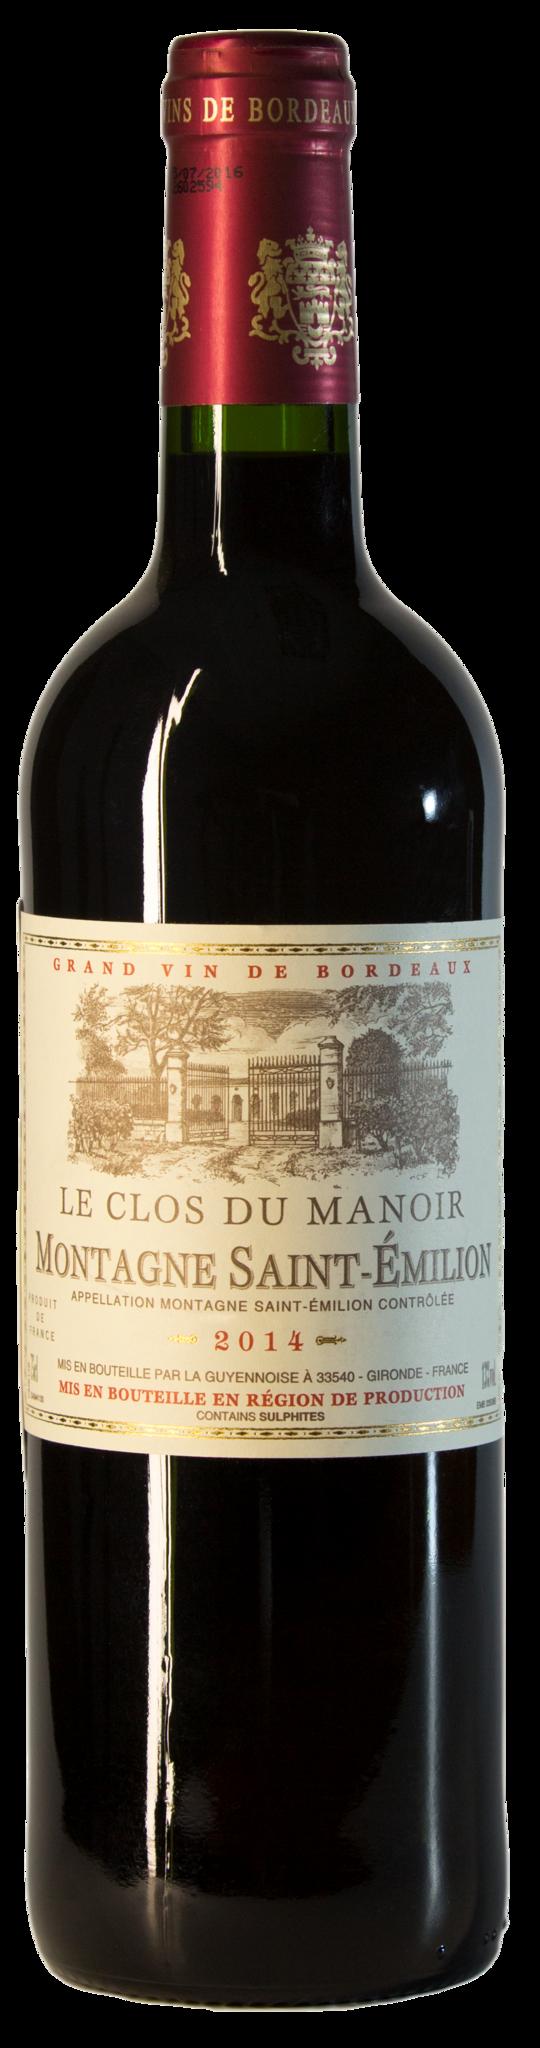 Le Clos du Manoir AOC Saint-Emilion